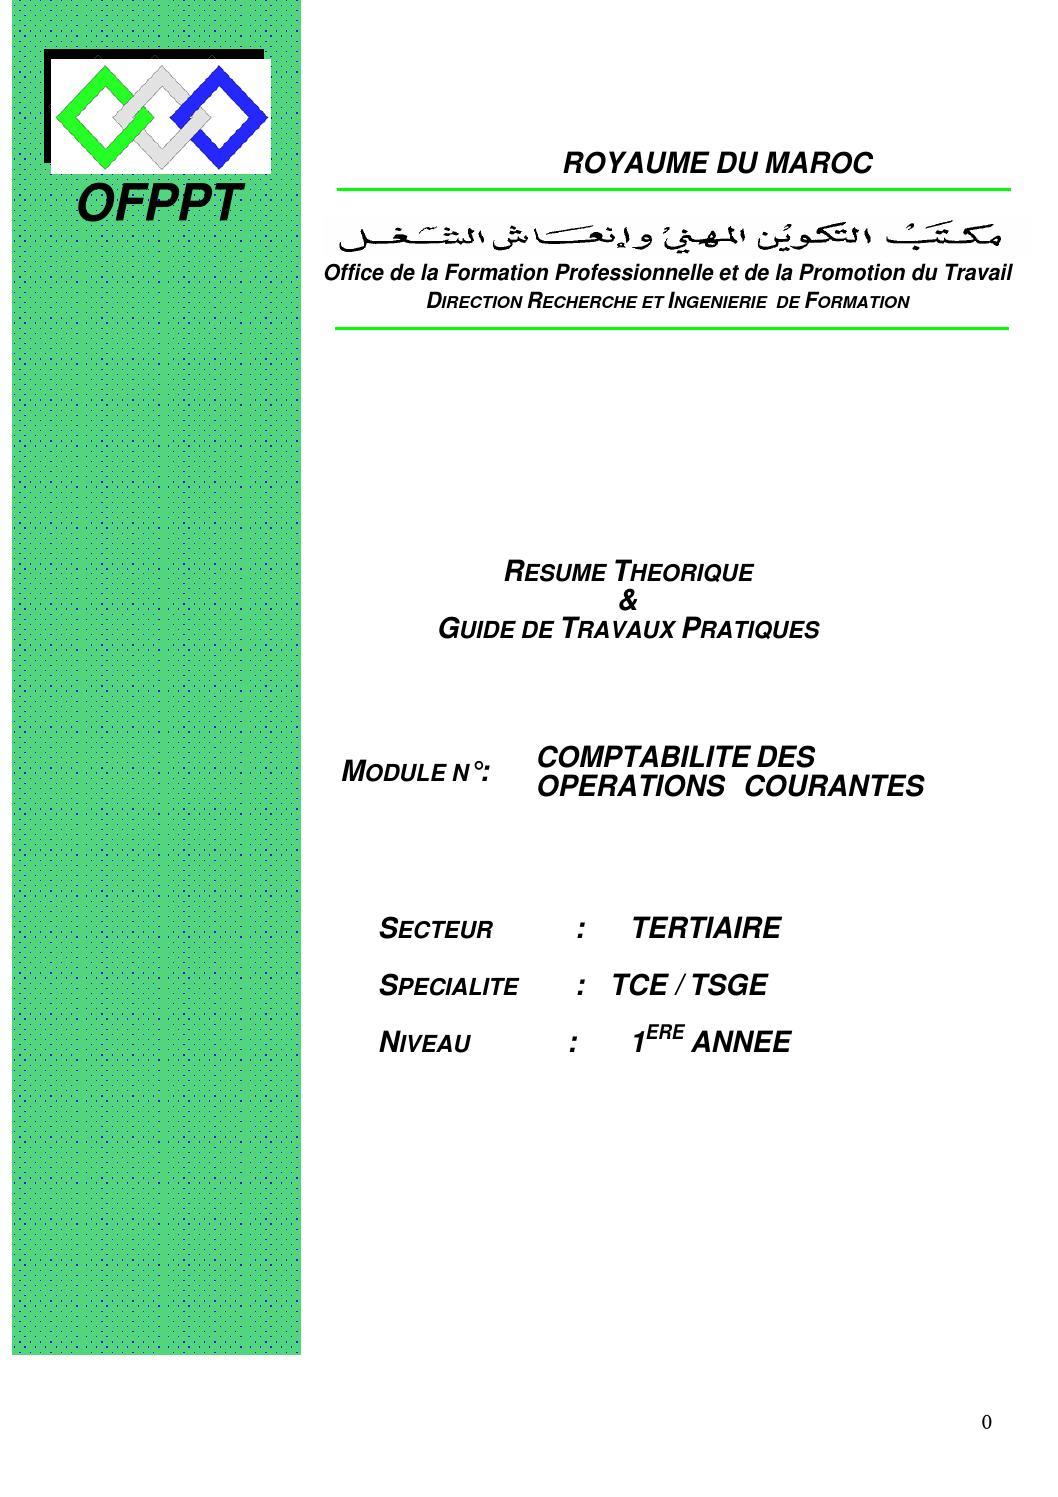 module 08 tsge comptabilit u00e9 des op u00e9rations courantes et